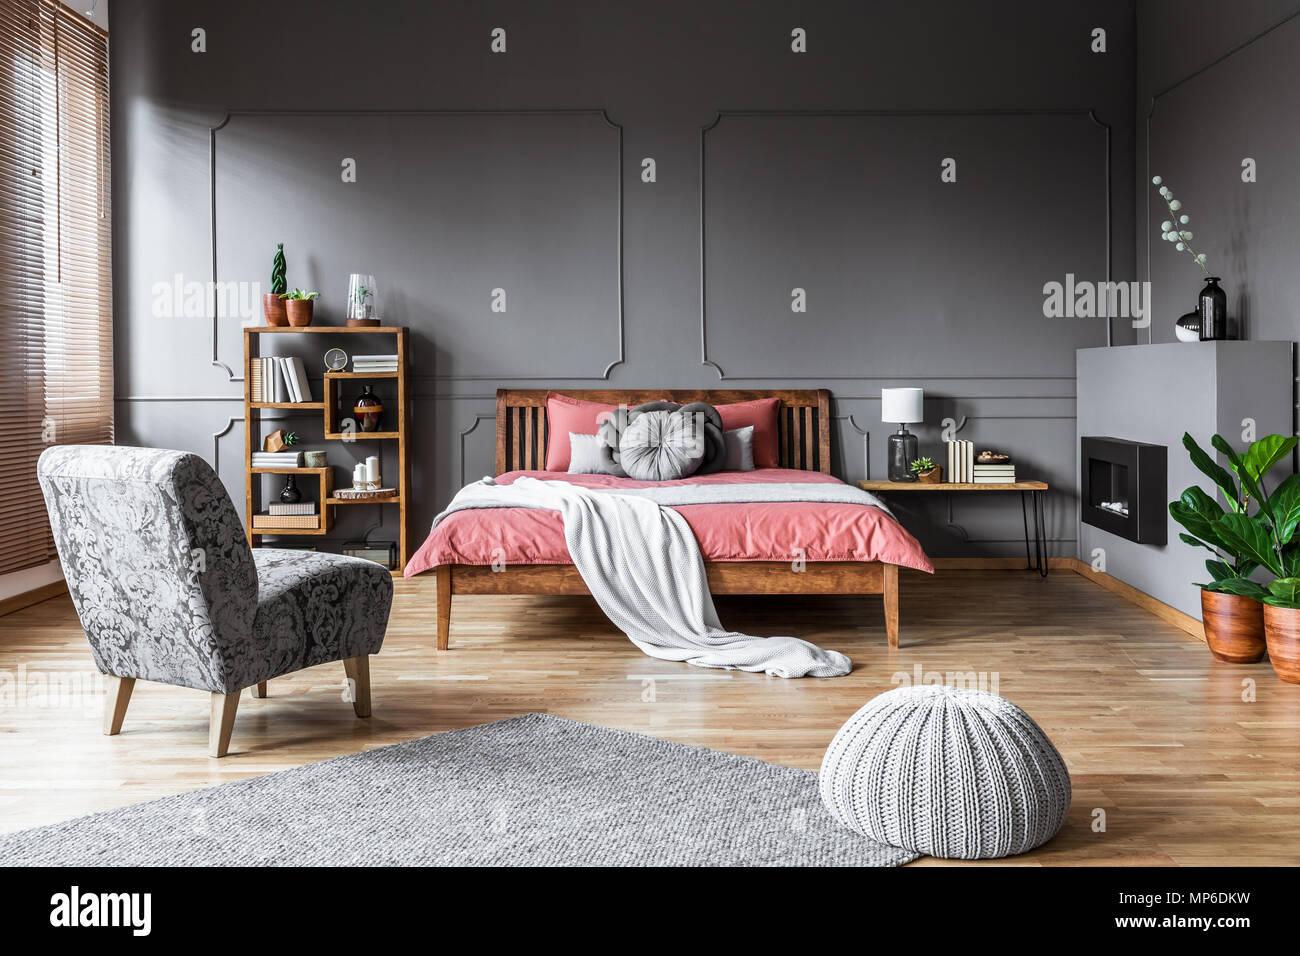 Colori Interni Grigio : Camera da letto spaziosa con interni pouf e poltrona di colore